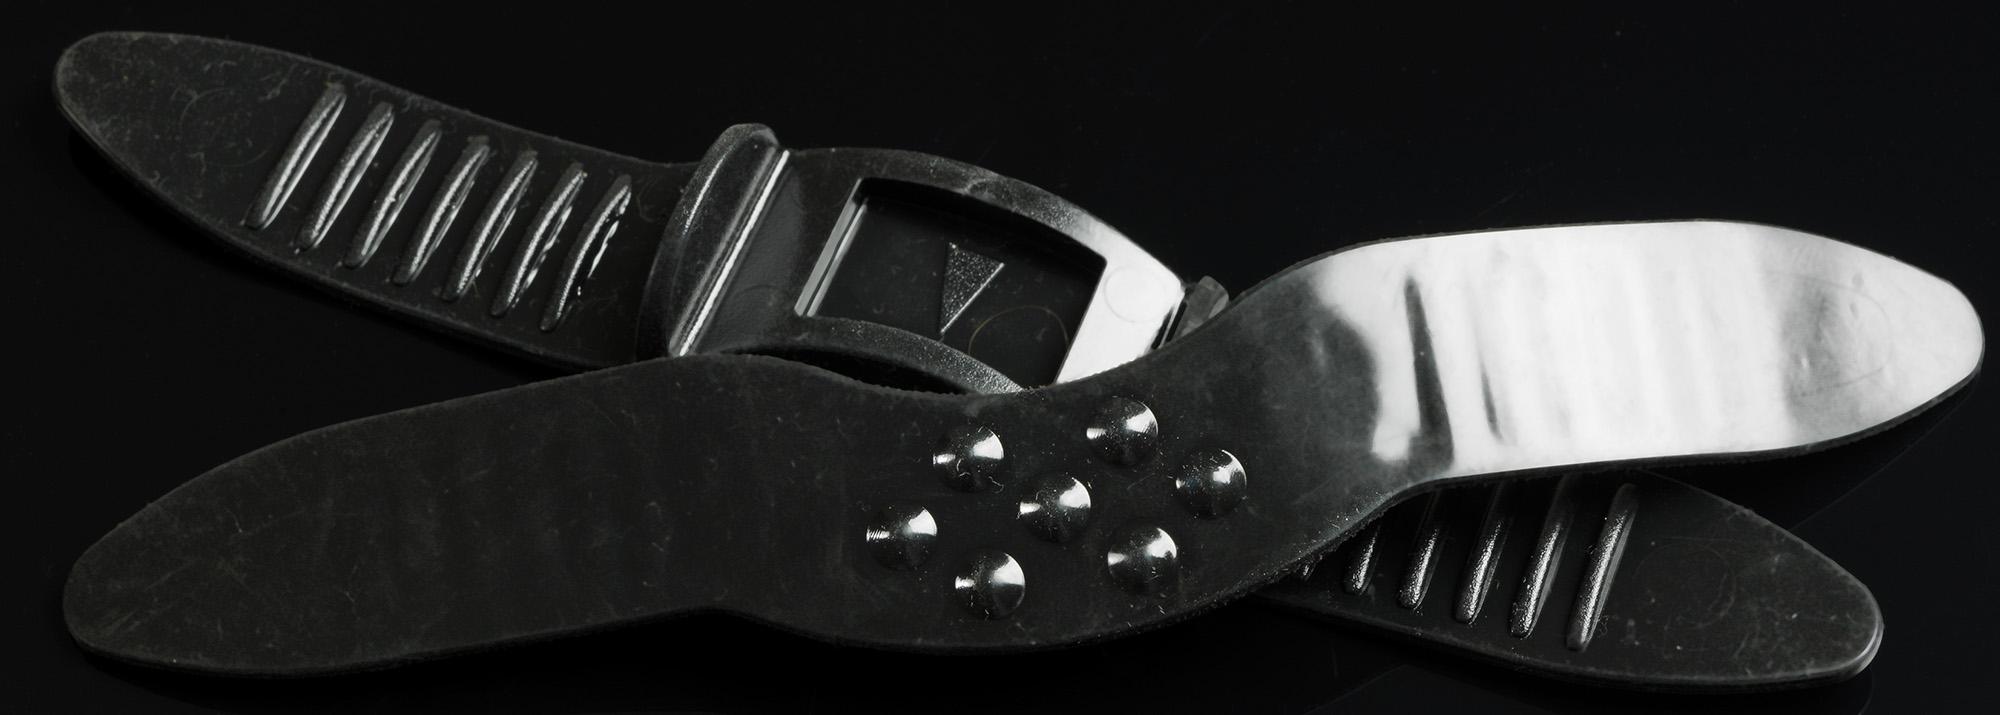 силтконовый ремешок с удерживающими пупырышками